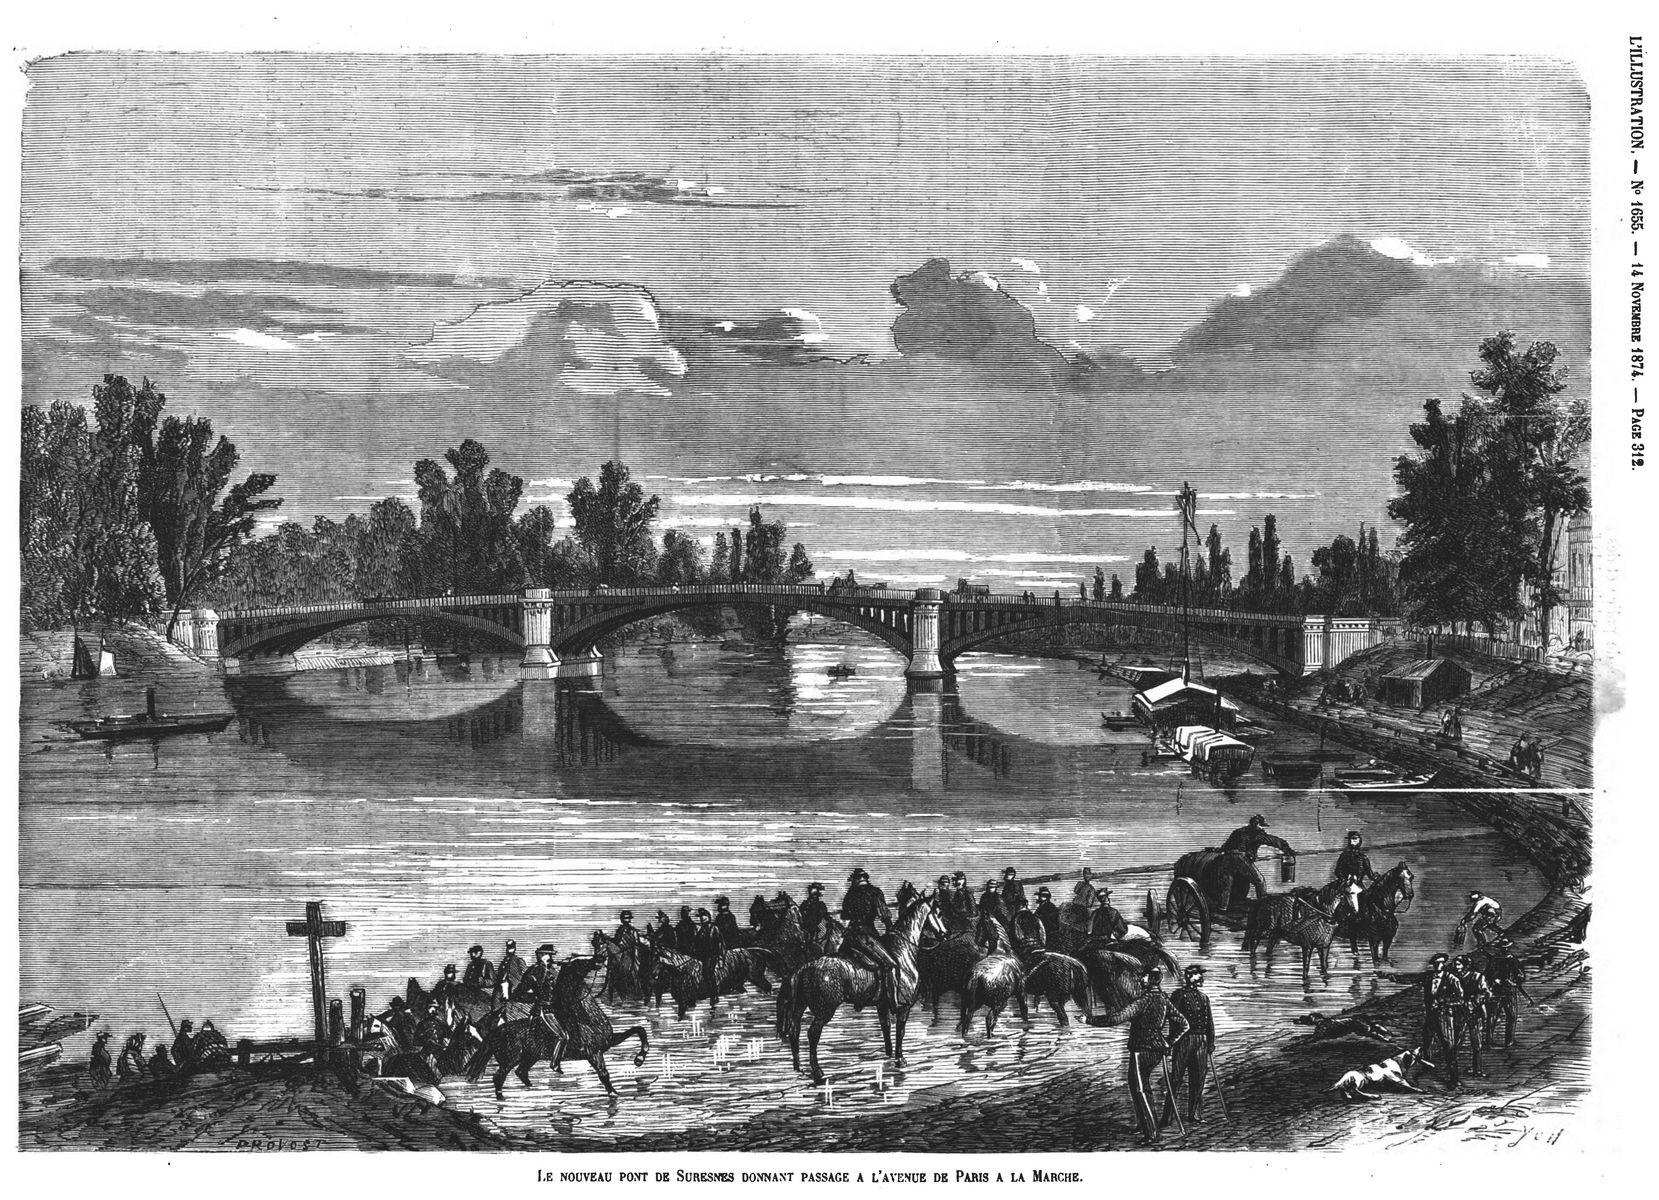 Le nouveau pont de Suresnes donnant passage à l'avenue de Paris à la Marche. Gravures 1874